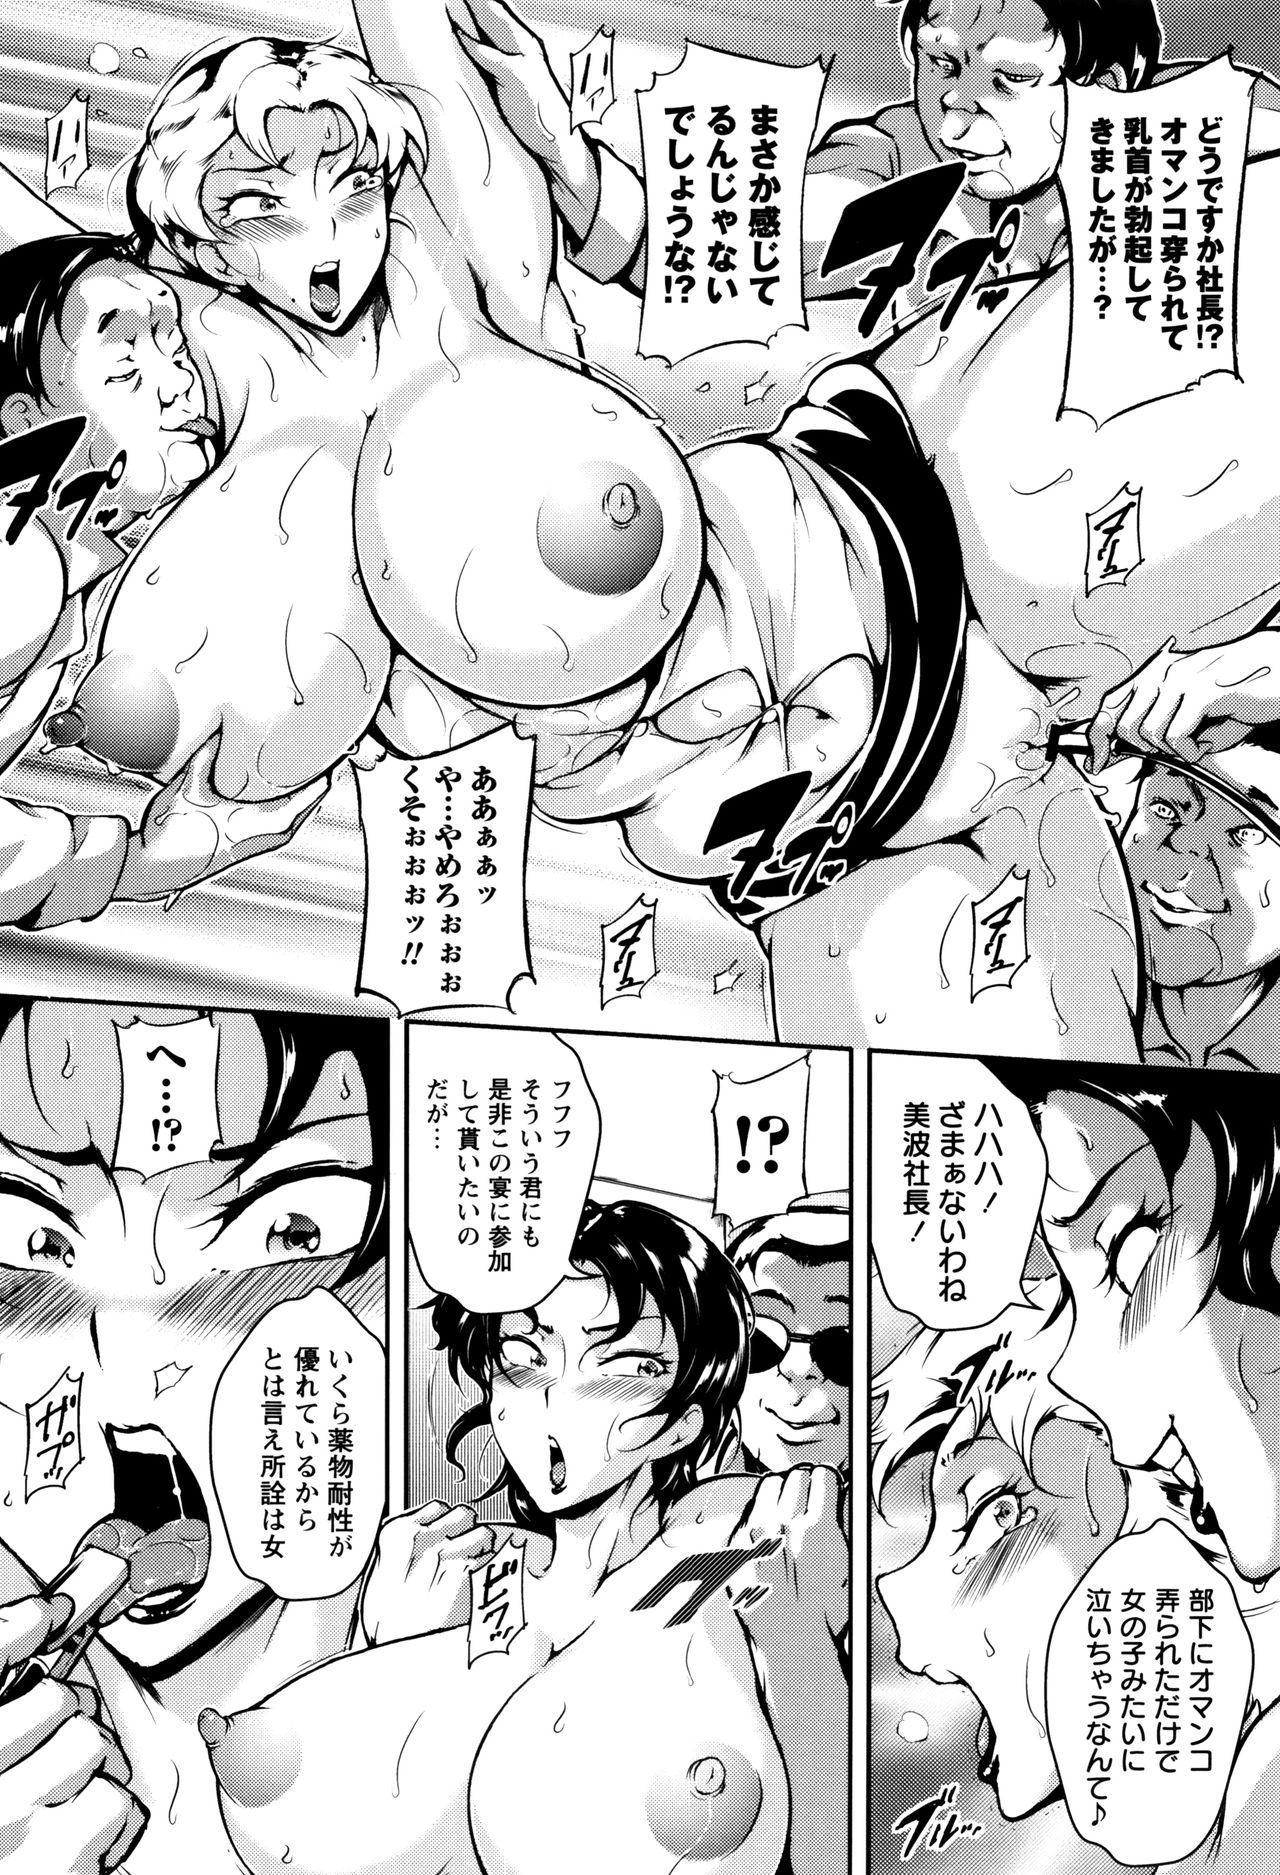 Ero BBA ♥ Dosukebe Ha Sengen 39